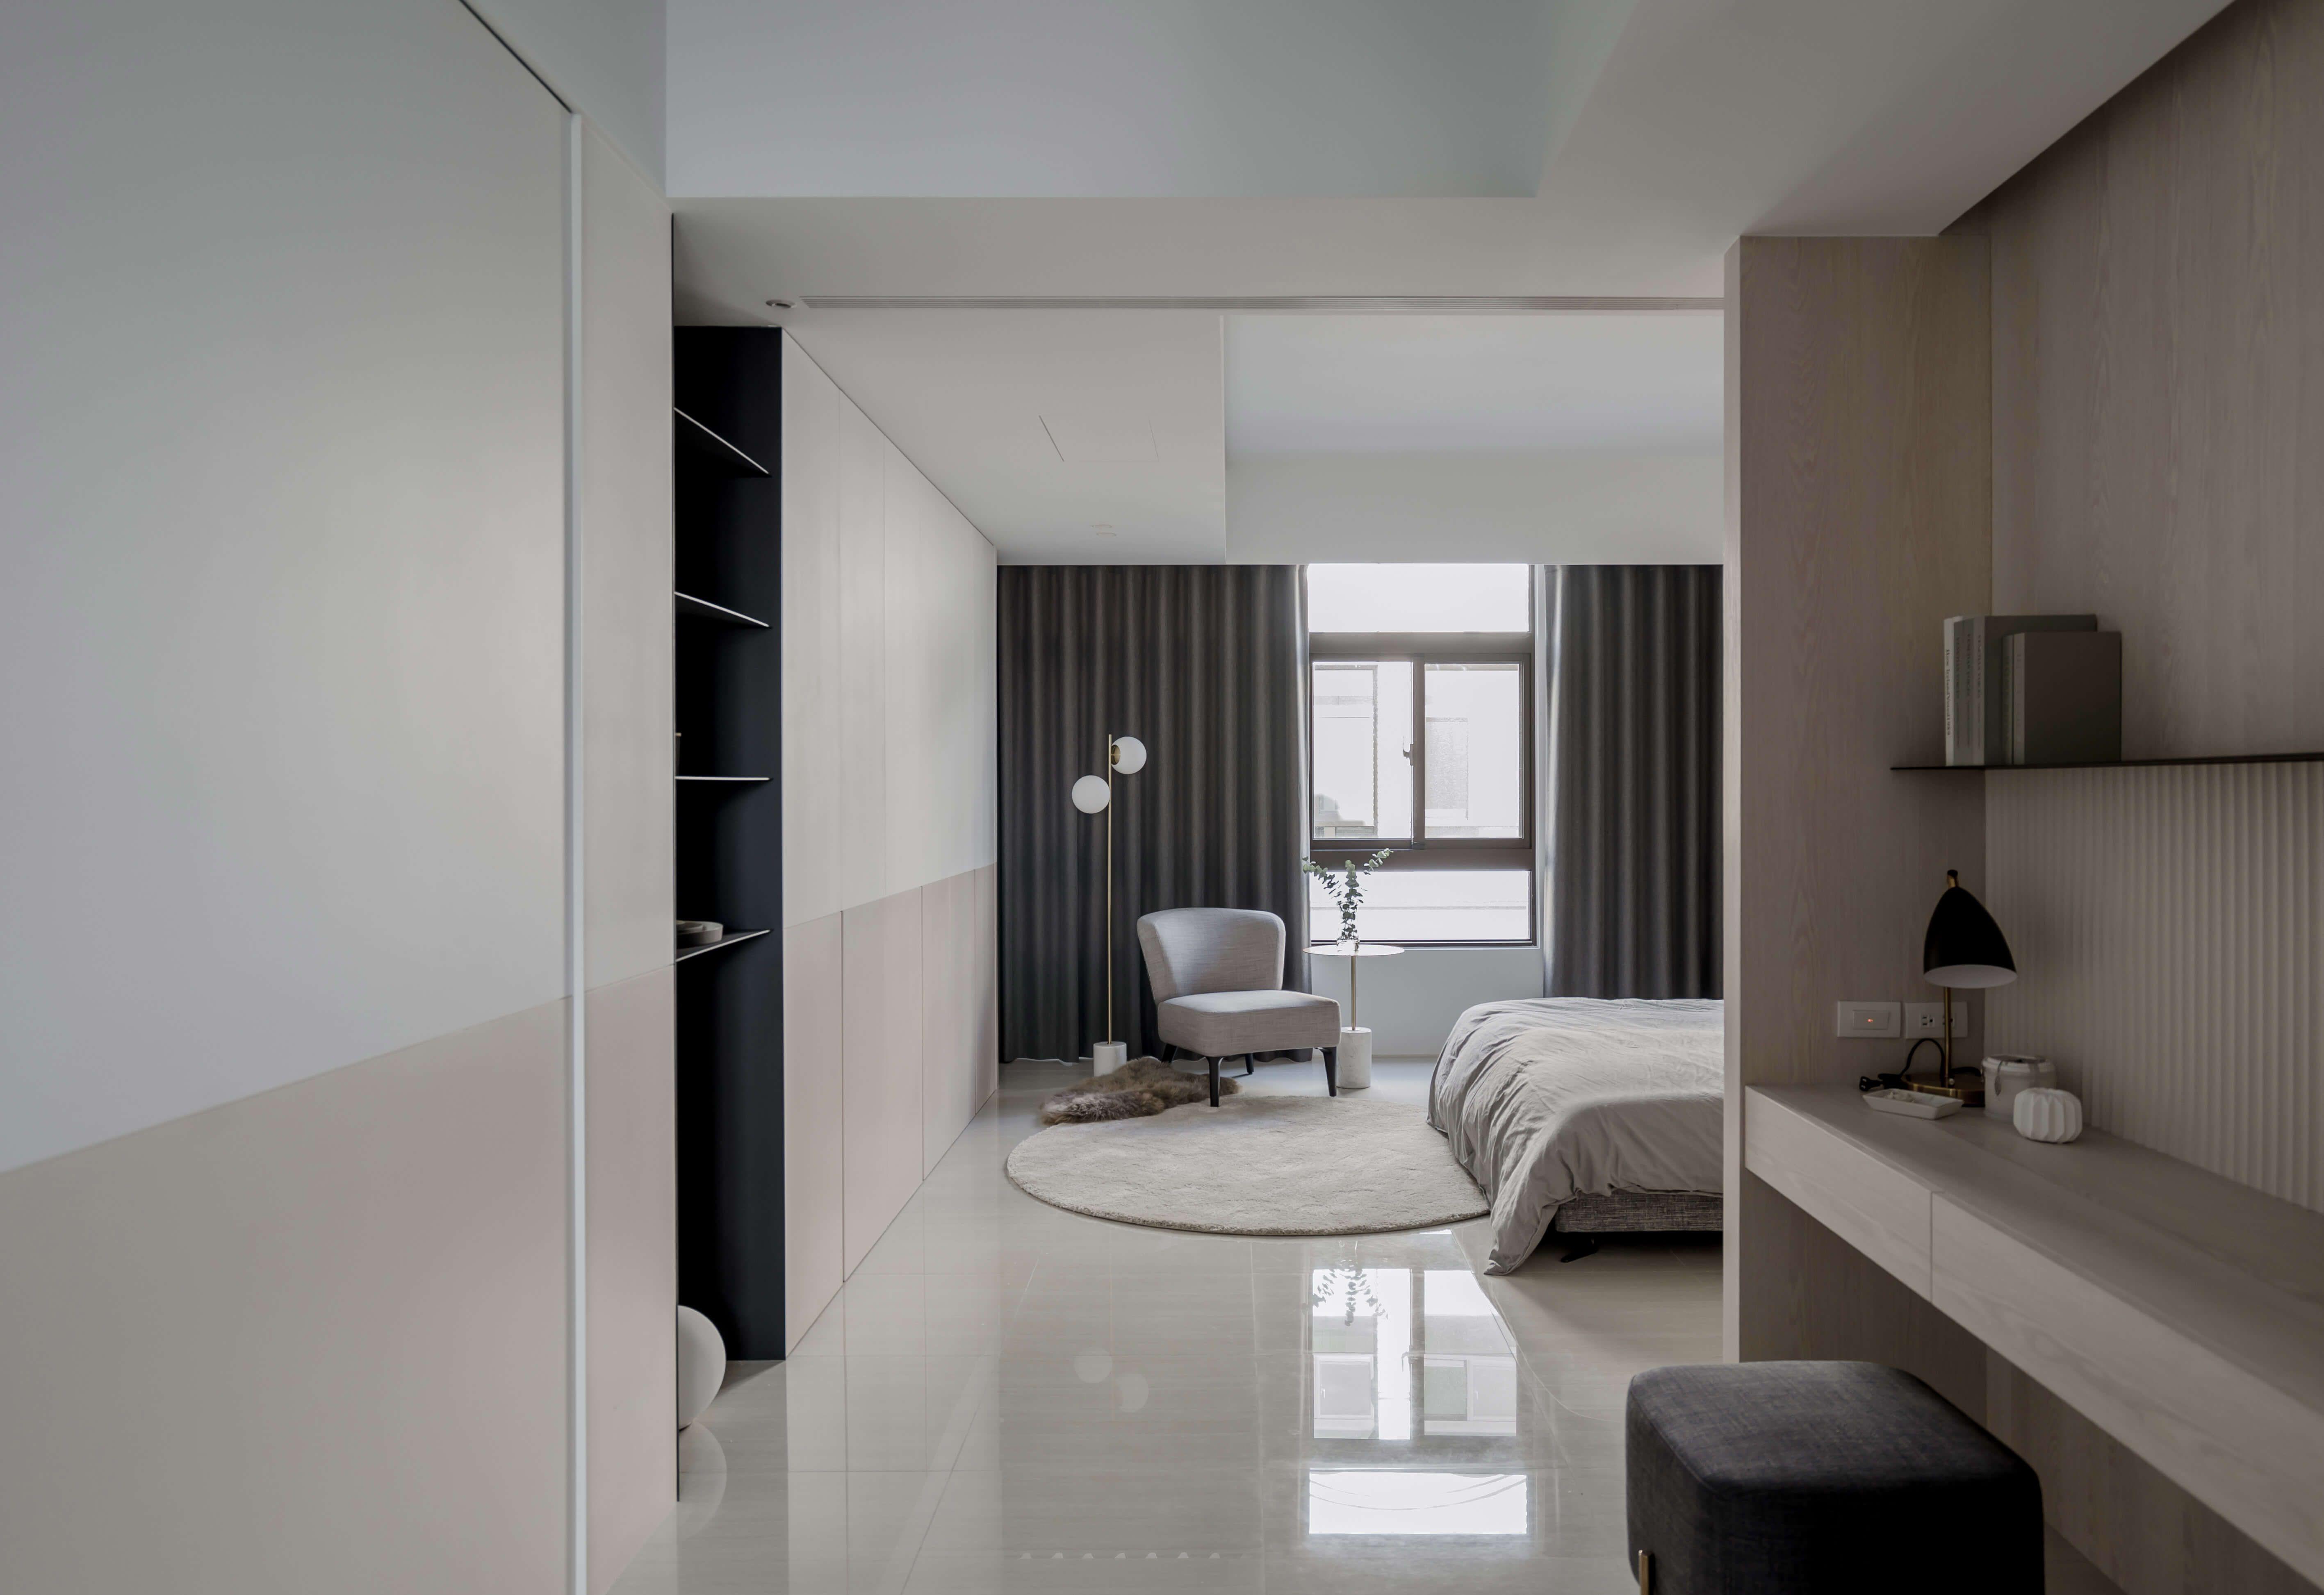 分子室內裝修設計 - 透天住宅Forever Young | Interior